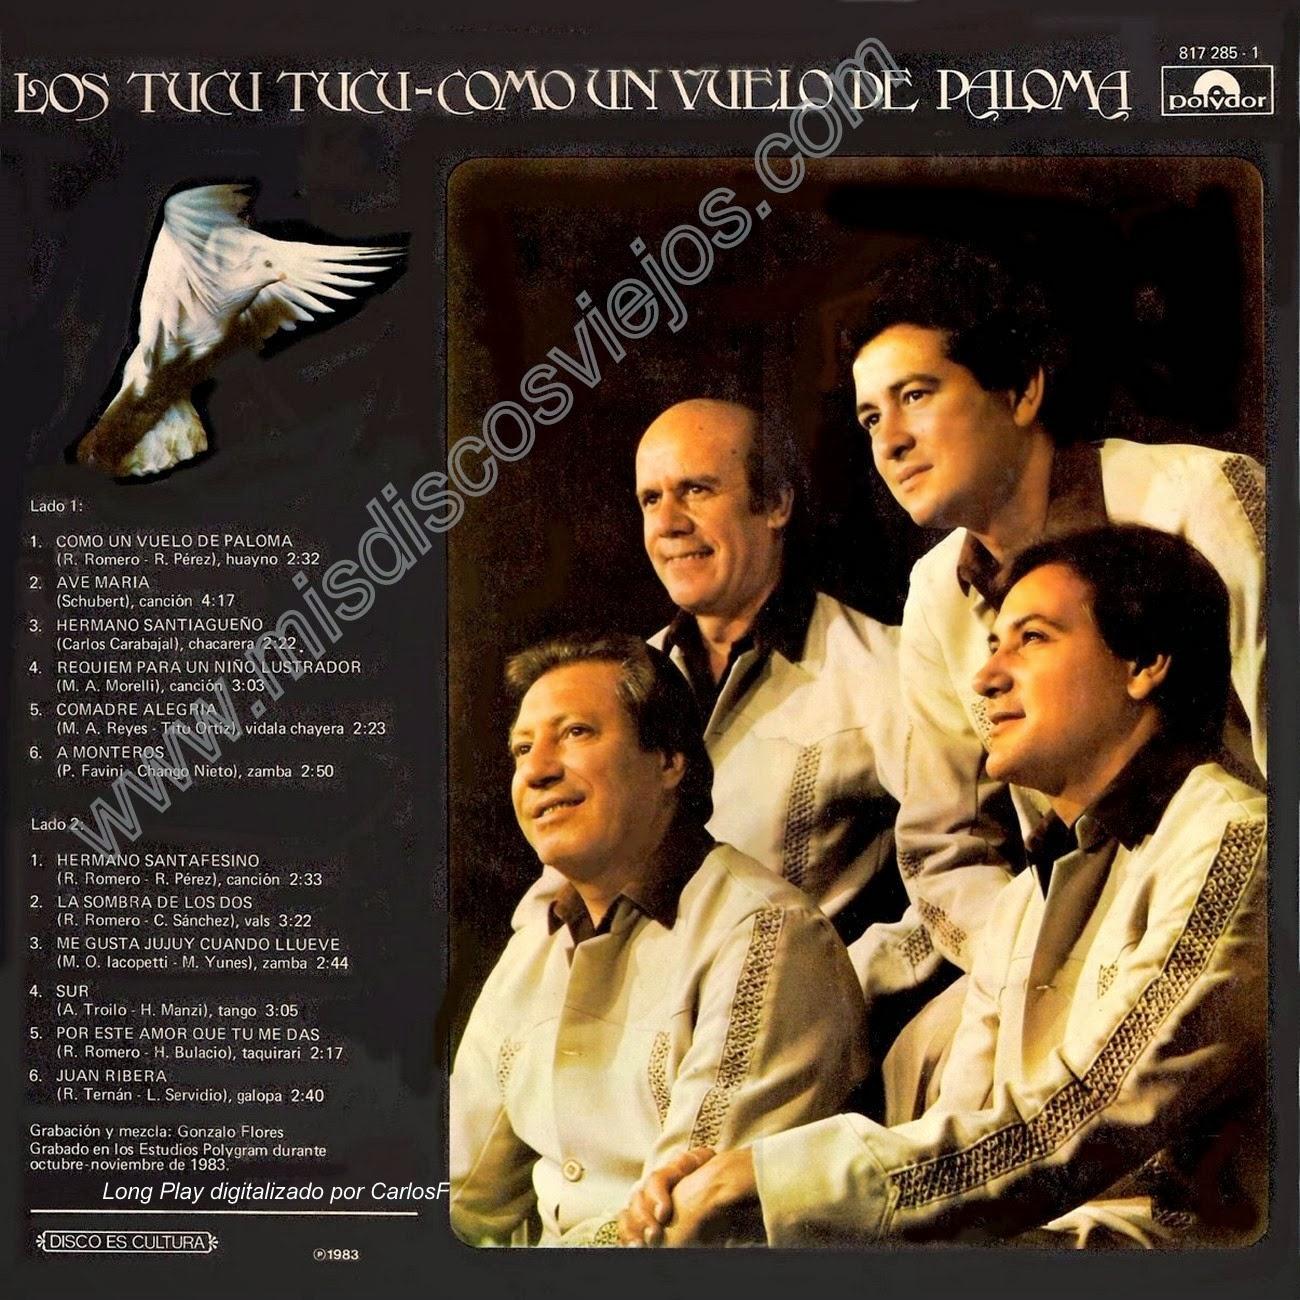 5a075c20b LOS TUCU TUCU – la musica del recuerdo